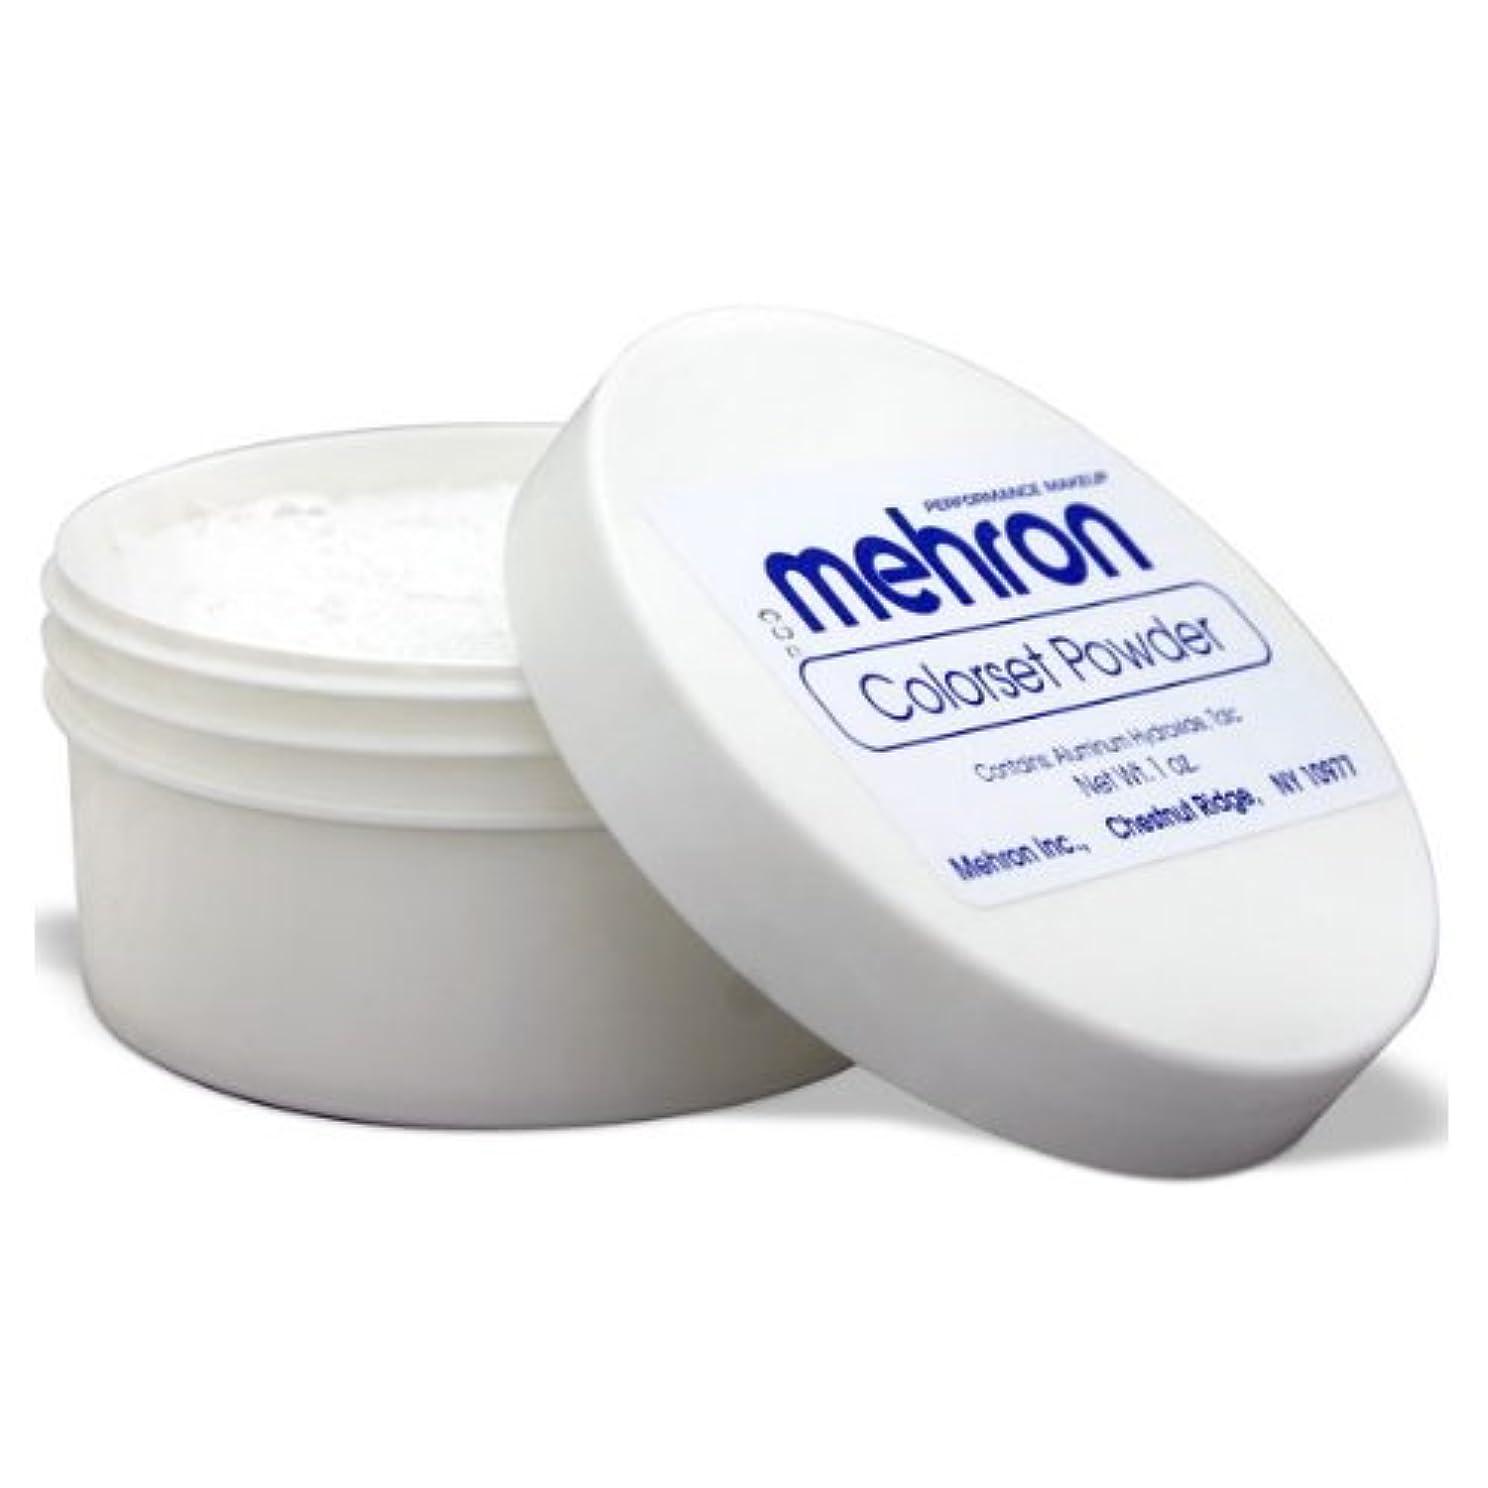 バスタブマトリックス知事(3 Pack) mehron Colorset Powder - Translucent (並行輸入品)